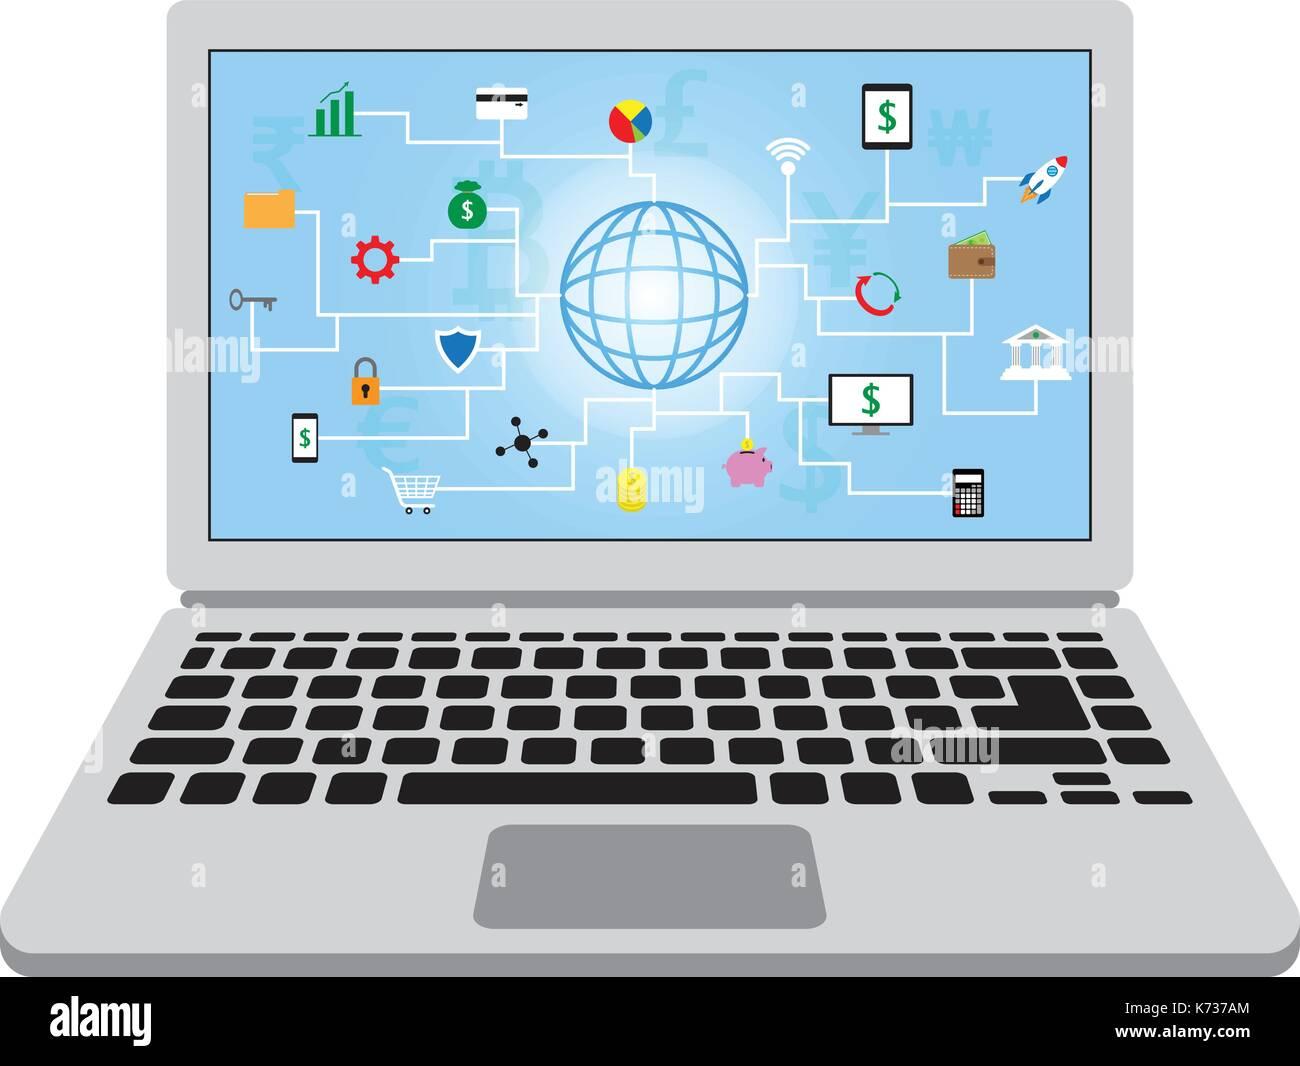 22 icônes fintech autour d'un globe avec fond bleu et plusieurs devises dans un écran d'ordinateur portable en mettant la technologie financière. Photo Stock